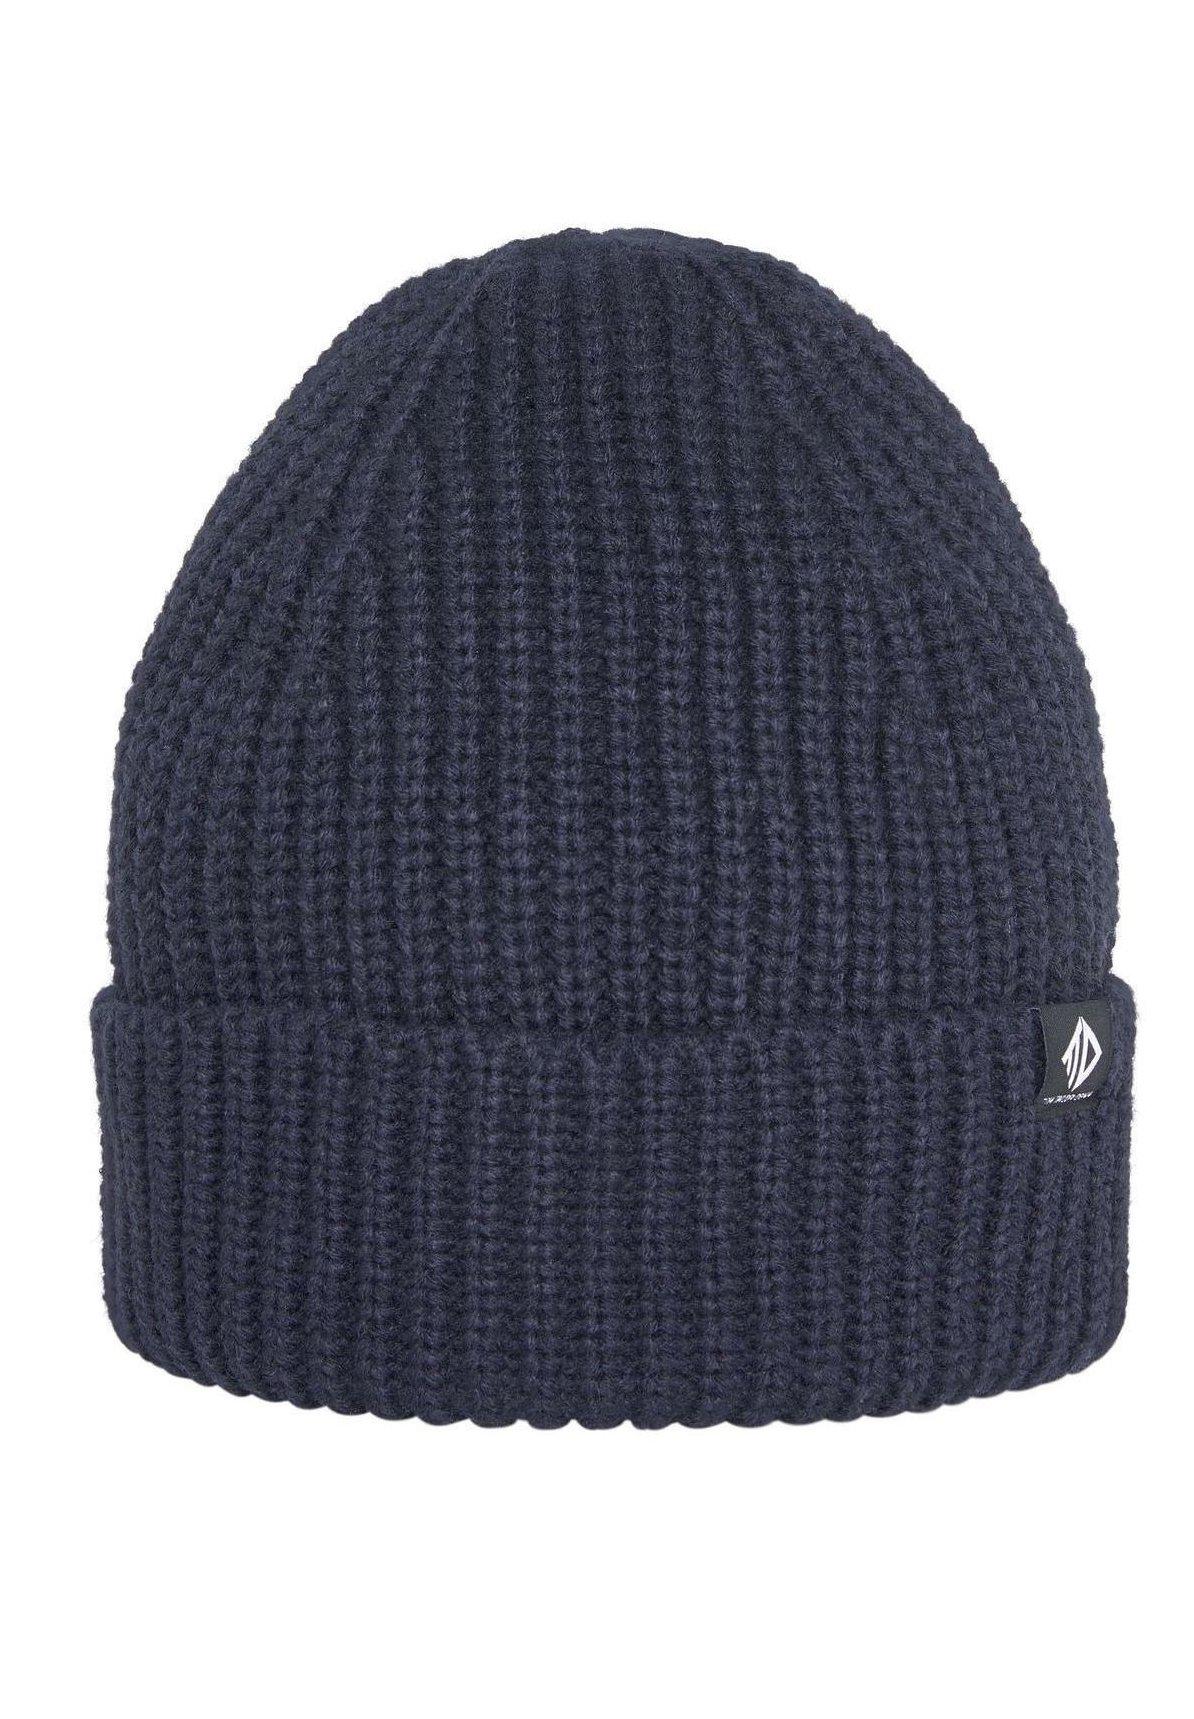 Tom Tailor Denim Mütze - Black/schwarz